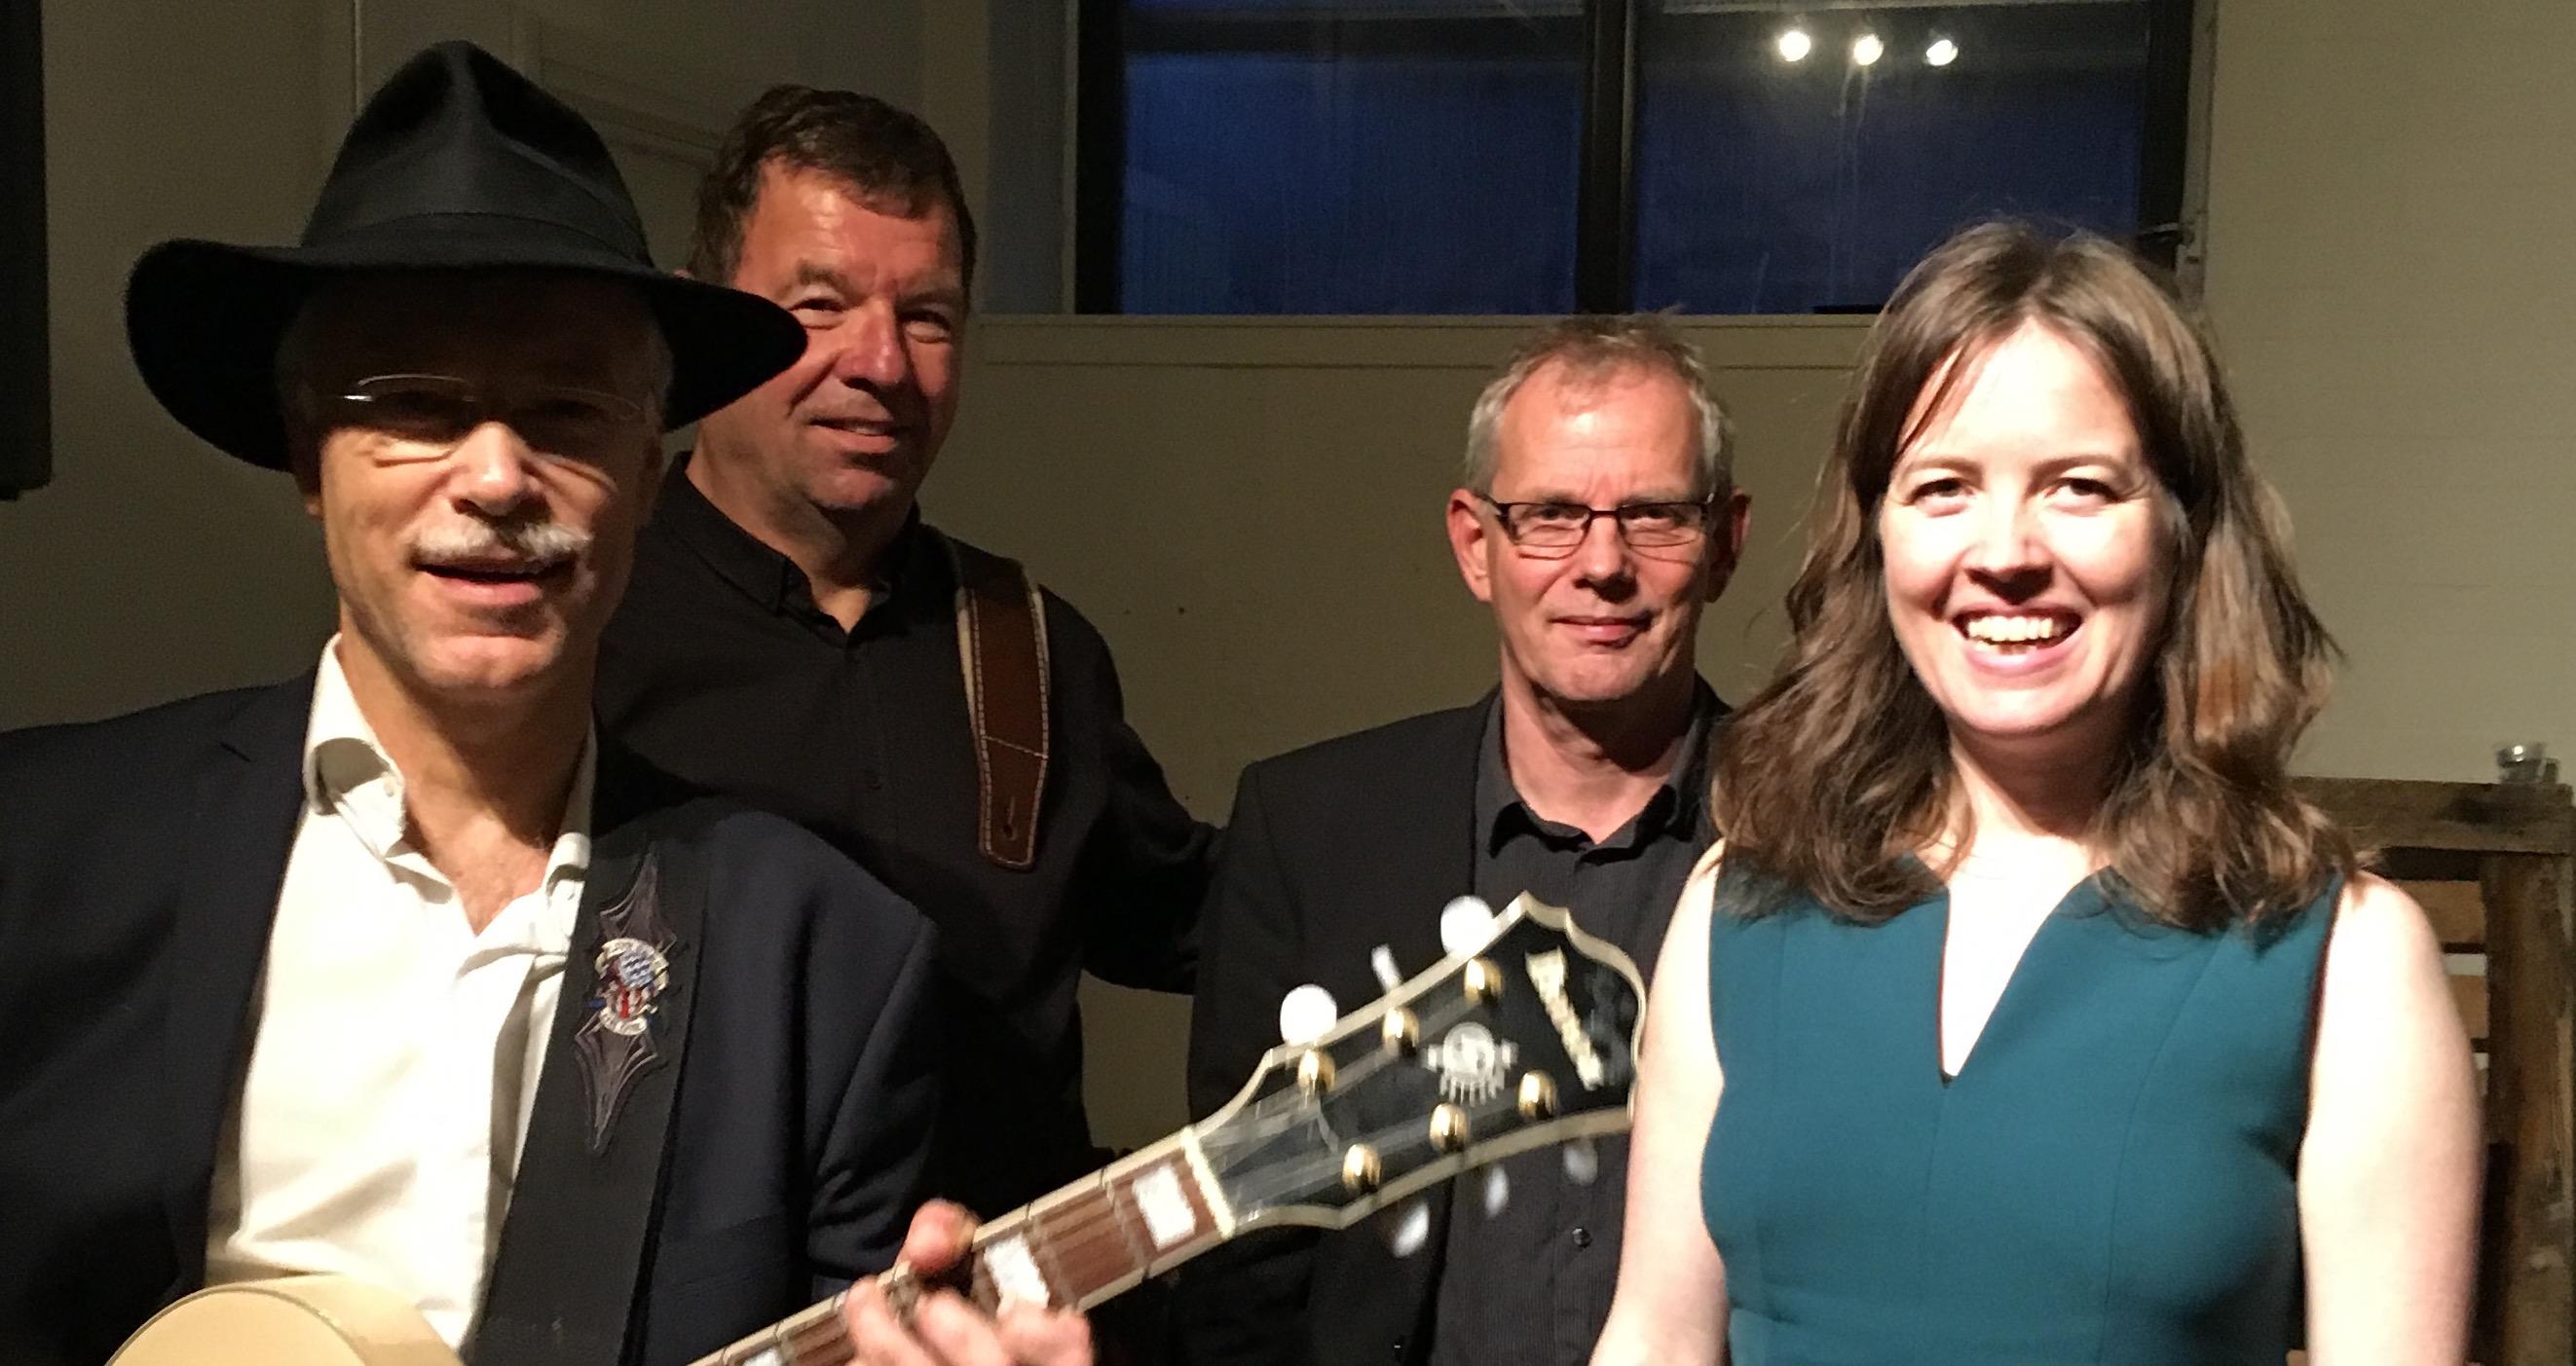 Katrine Rømhild Quartet med Jørgen Johnbeck (bas) og Jesper Gilbert (guitar) jespergilbert.dk